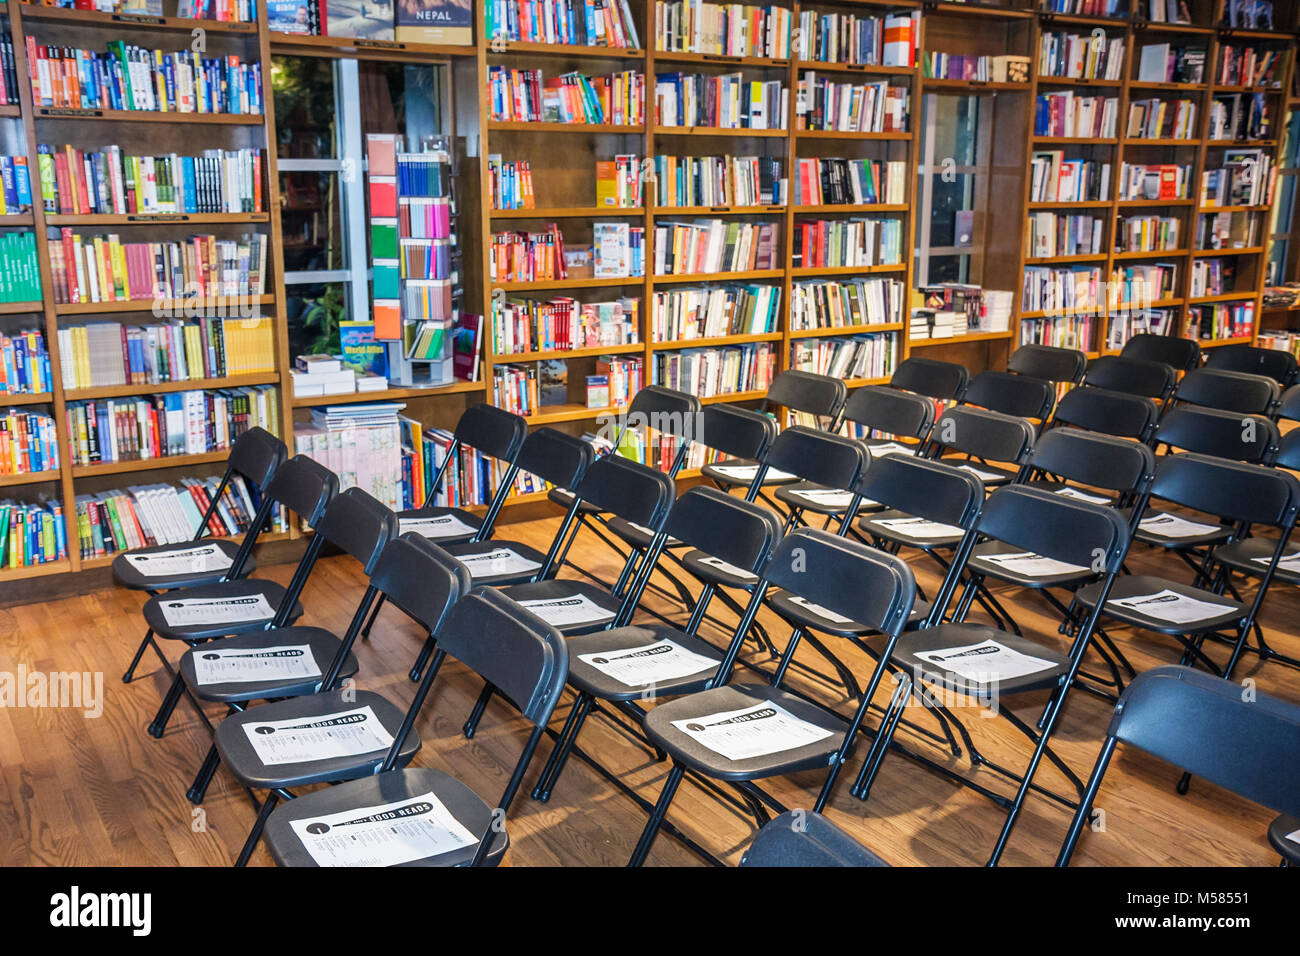 Coral Gables Bücher und Bücher National Book Critics Circle klappbare Stühle Reihen Stockbild